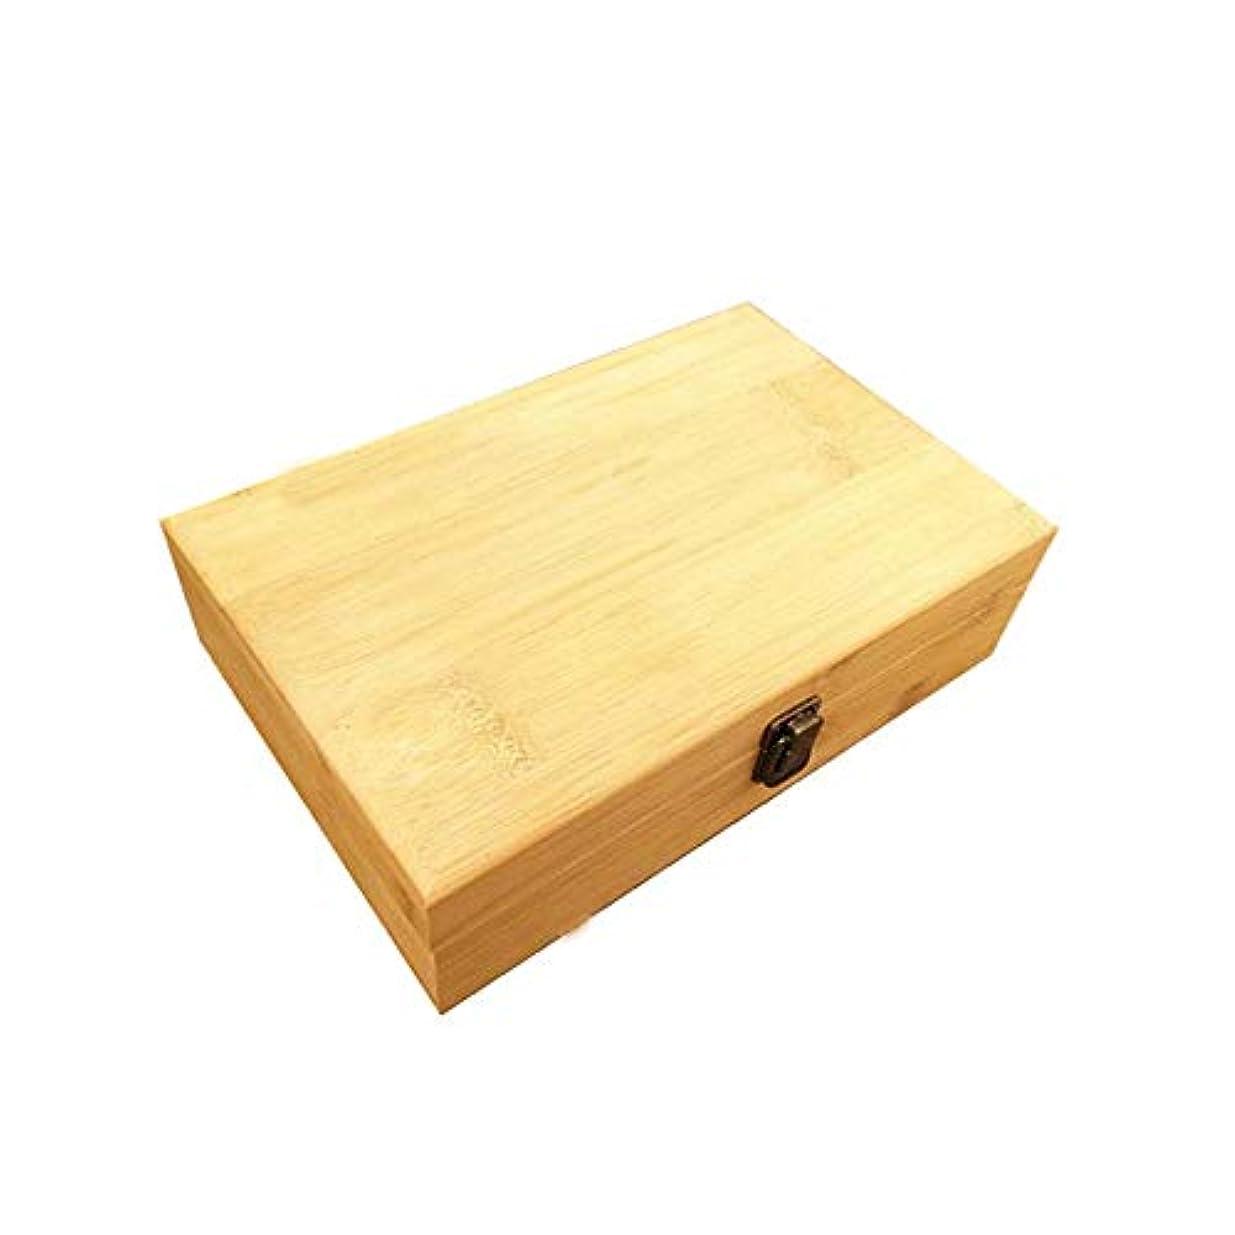 視線転送繕うエッセンシャルオイルストレージボックス 40スロットエッセンシャルオイルボックス木製収納ケースは、40本のボトルエッセンシャルオイルスペースセーバーの開催します 旅行およびプレゼンテーション用 (色 : Natural,...